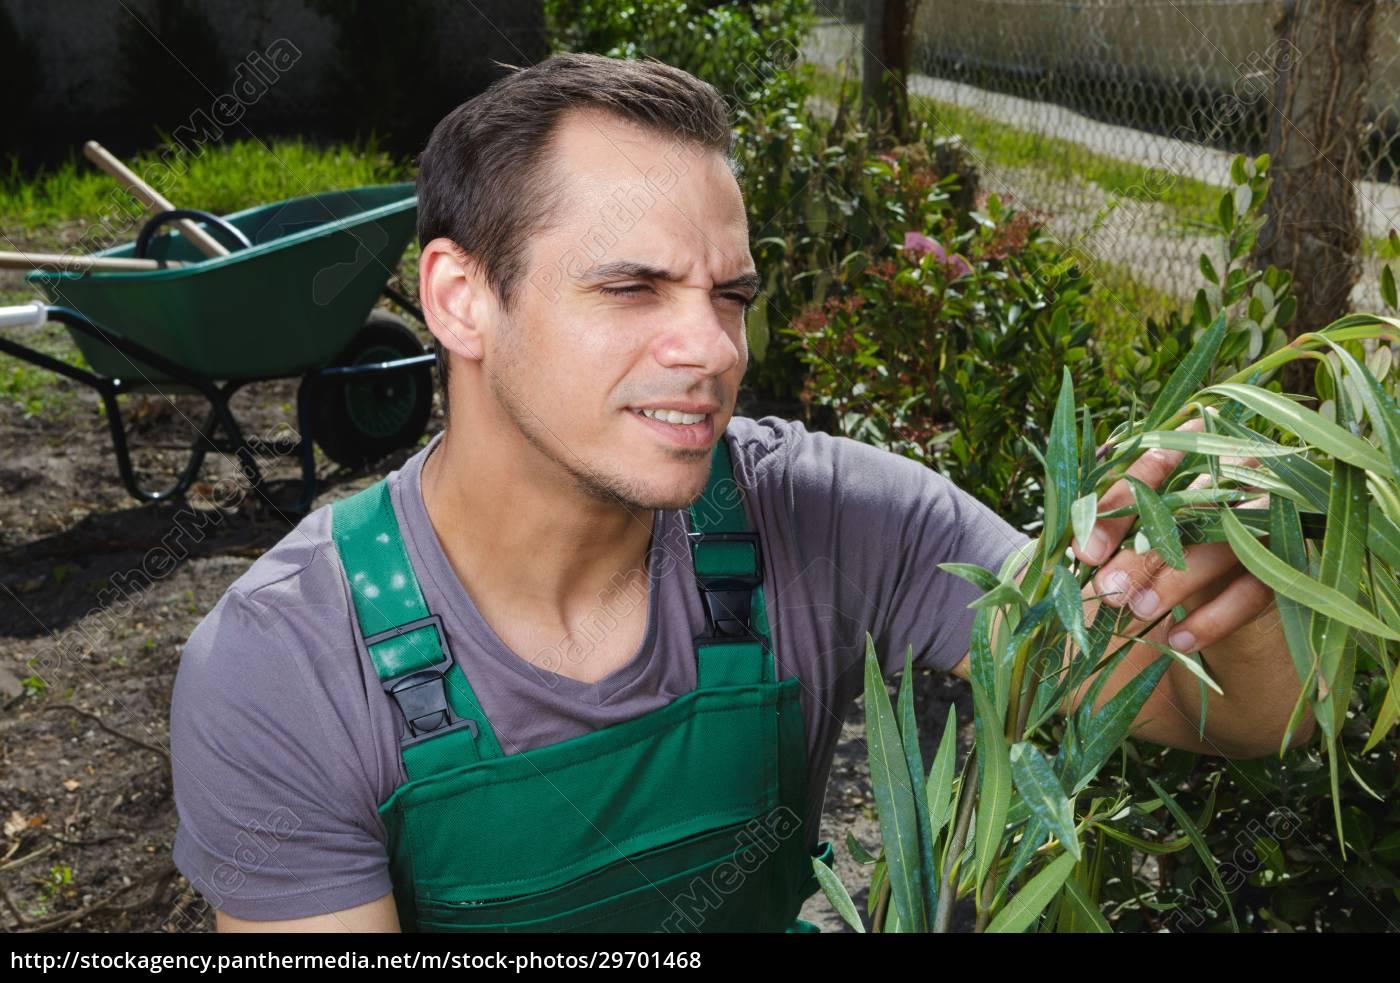 männlicher, gärtner, der, pflanzend, betrachtet - 29701468